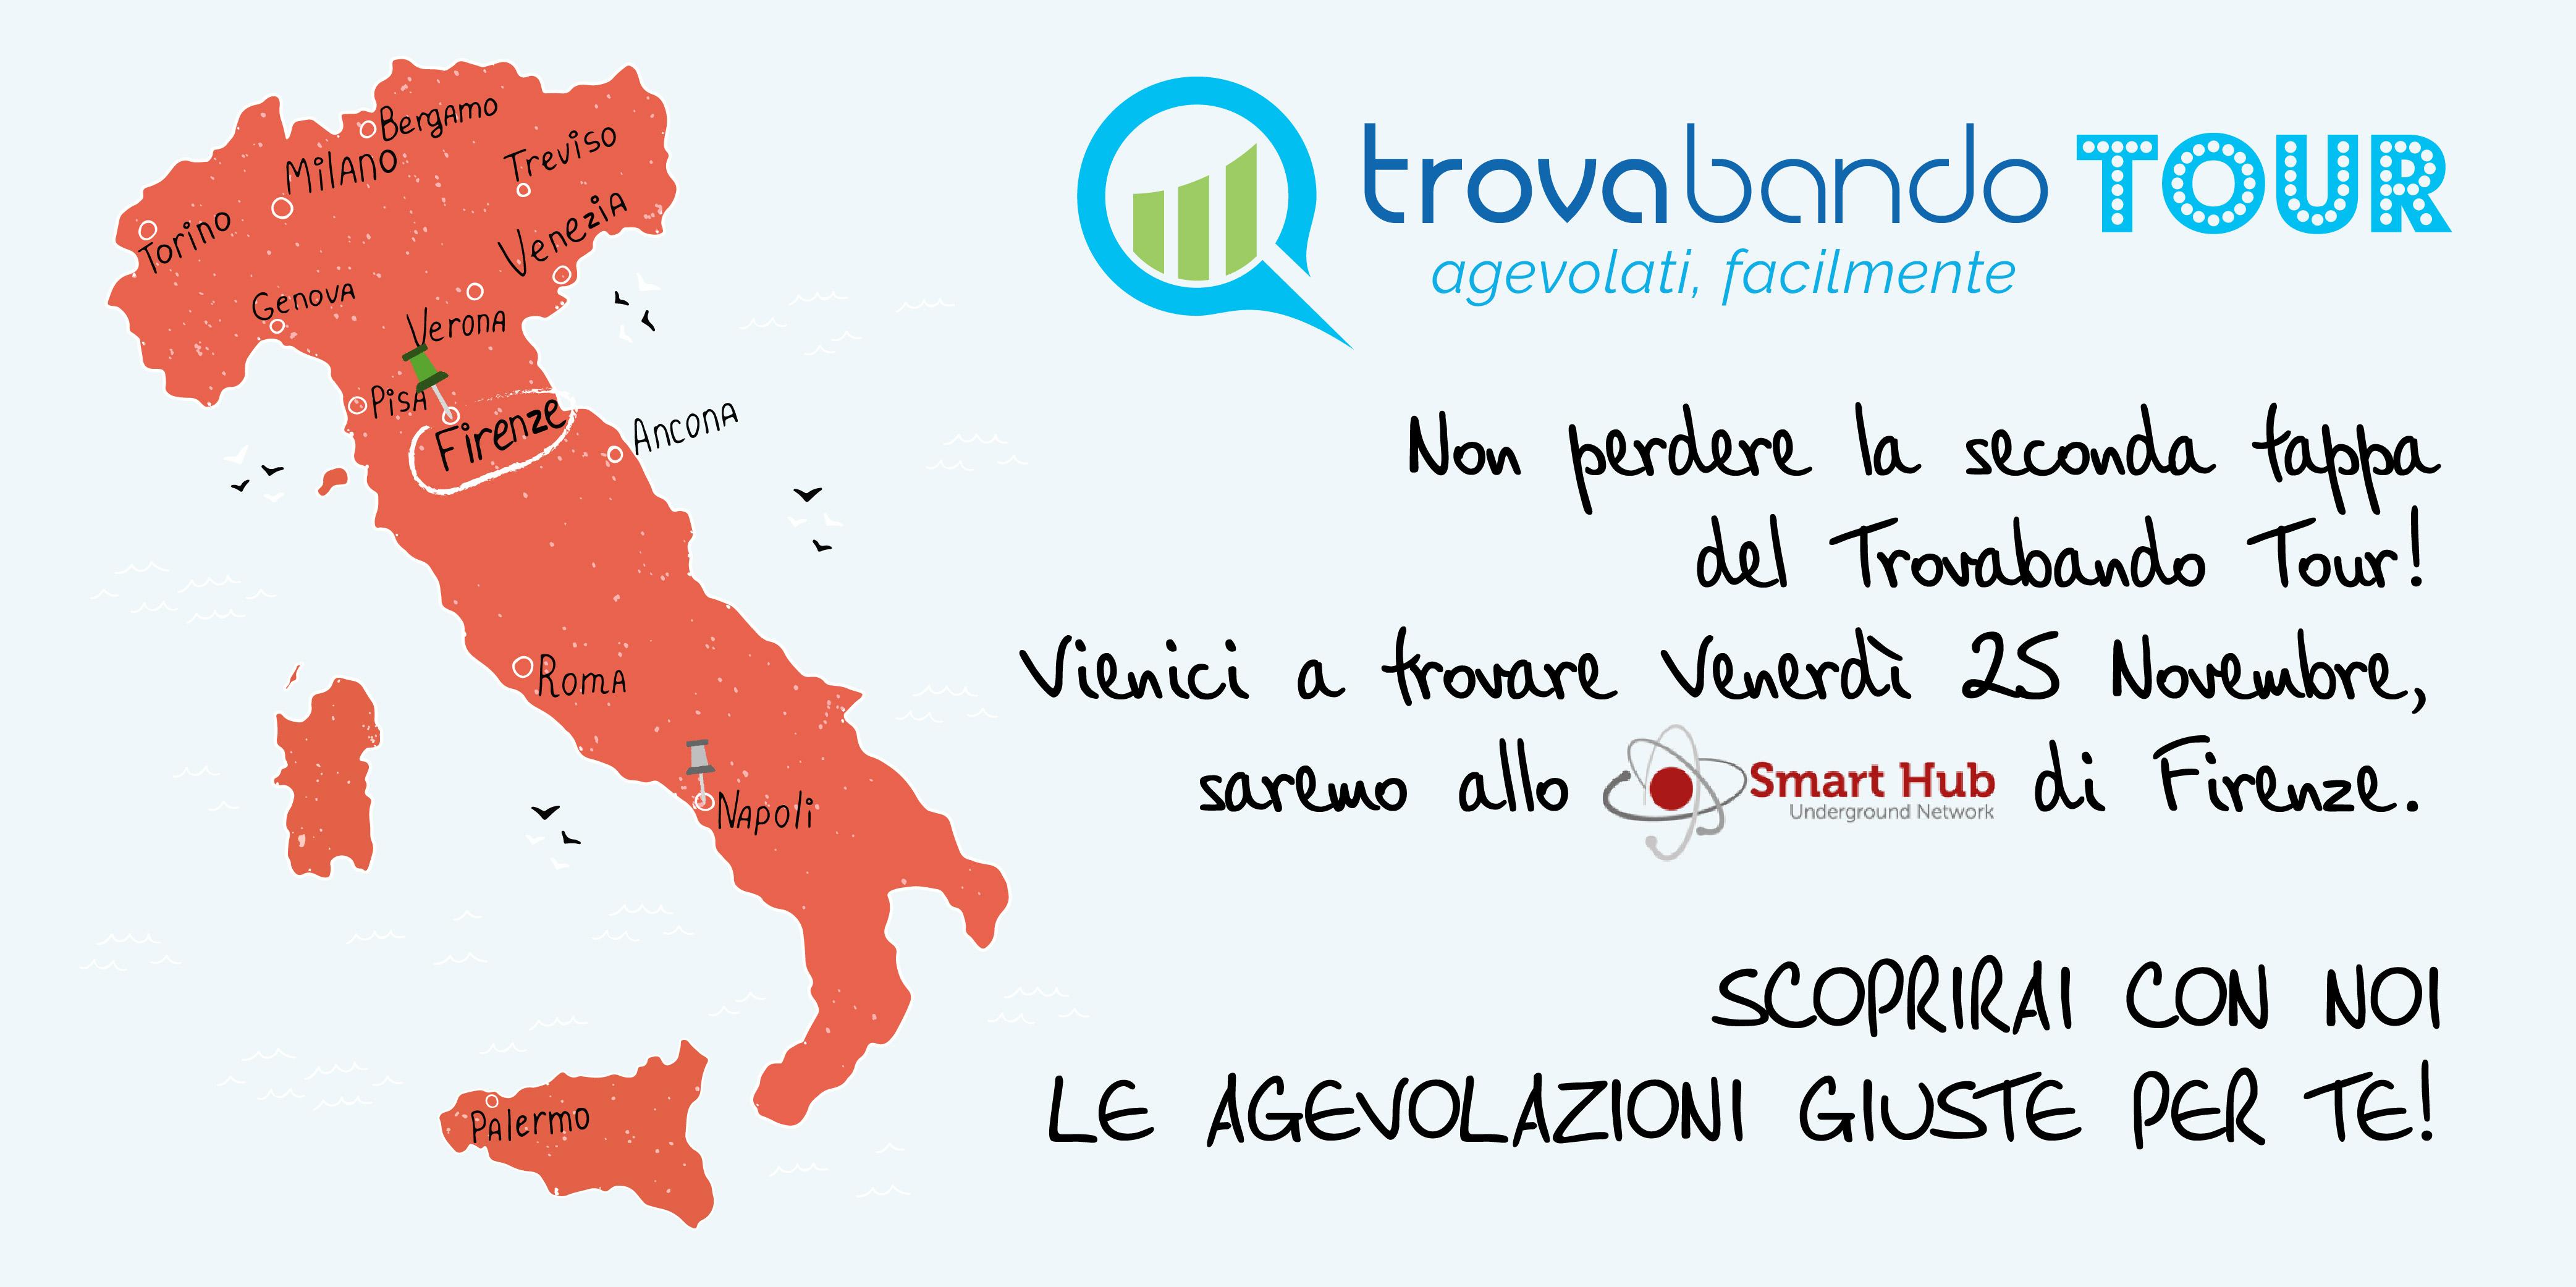 Seconda tappa del Trovabando Tour - Smart Hub Firenze